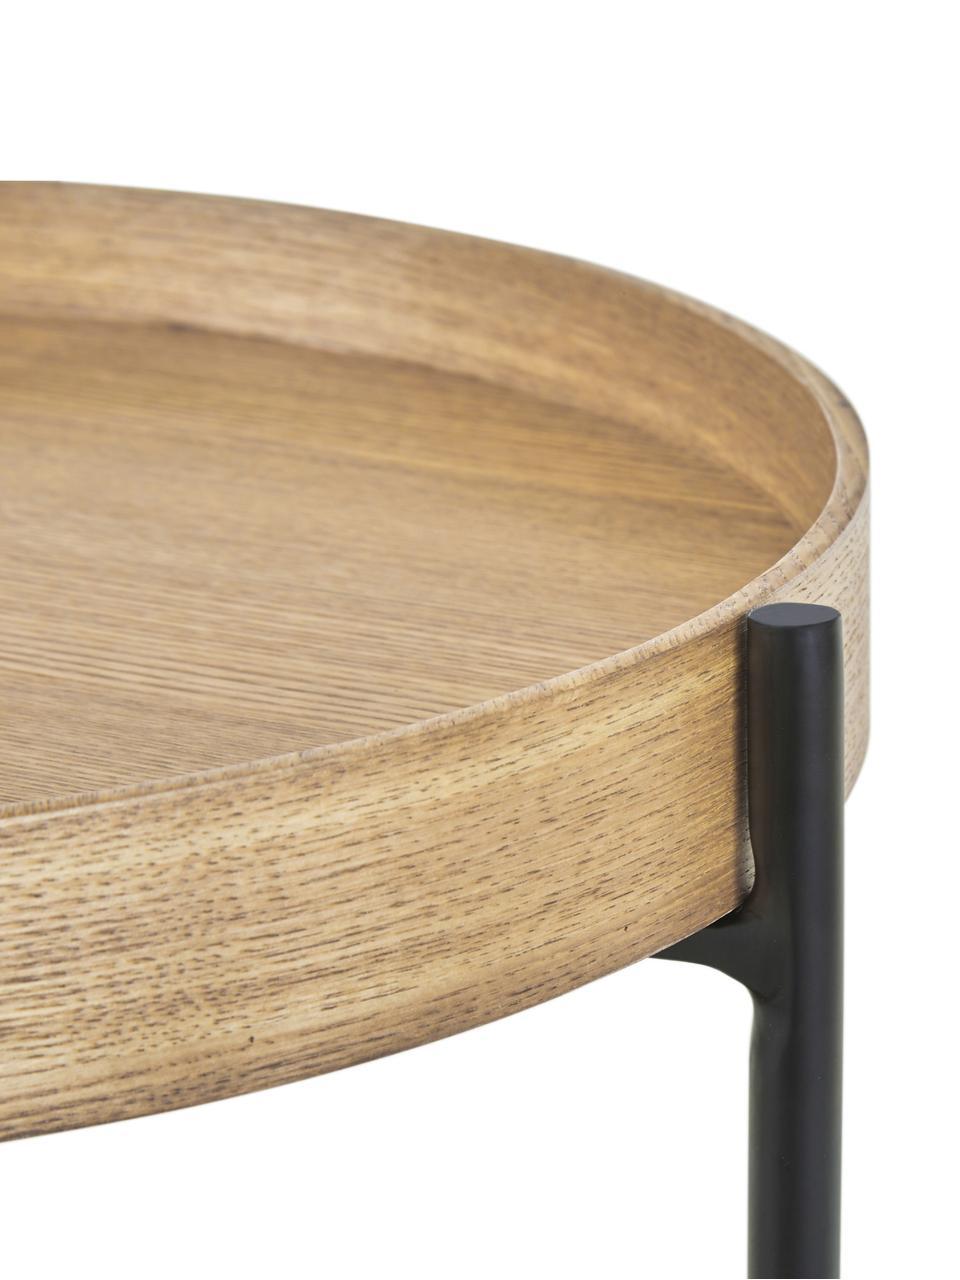 Stolik pomocniczy z półką Renee, Blat: płyta pilśniowa średniej , Stelaż: metal malowany proszkowo, Blaty: drewno dębowe Stelaż: czarny, matowy, Ø 44 x W 49 cm